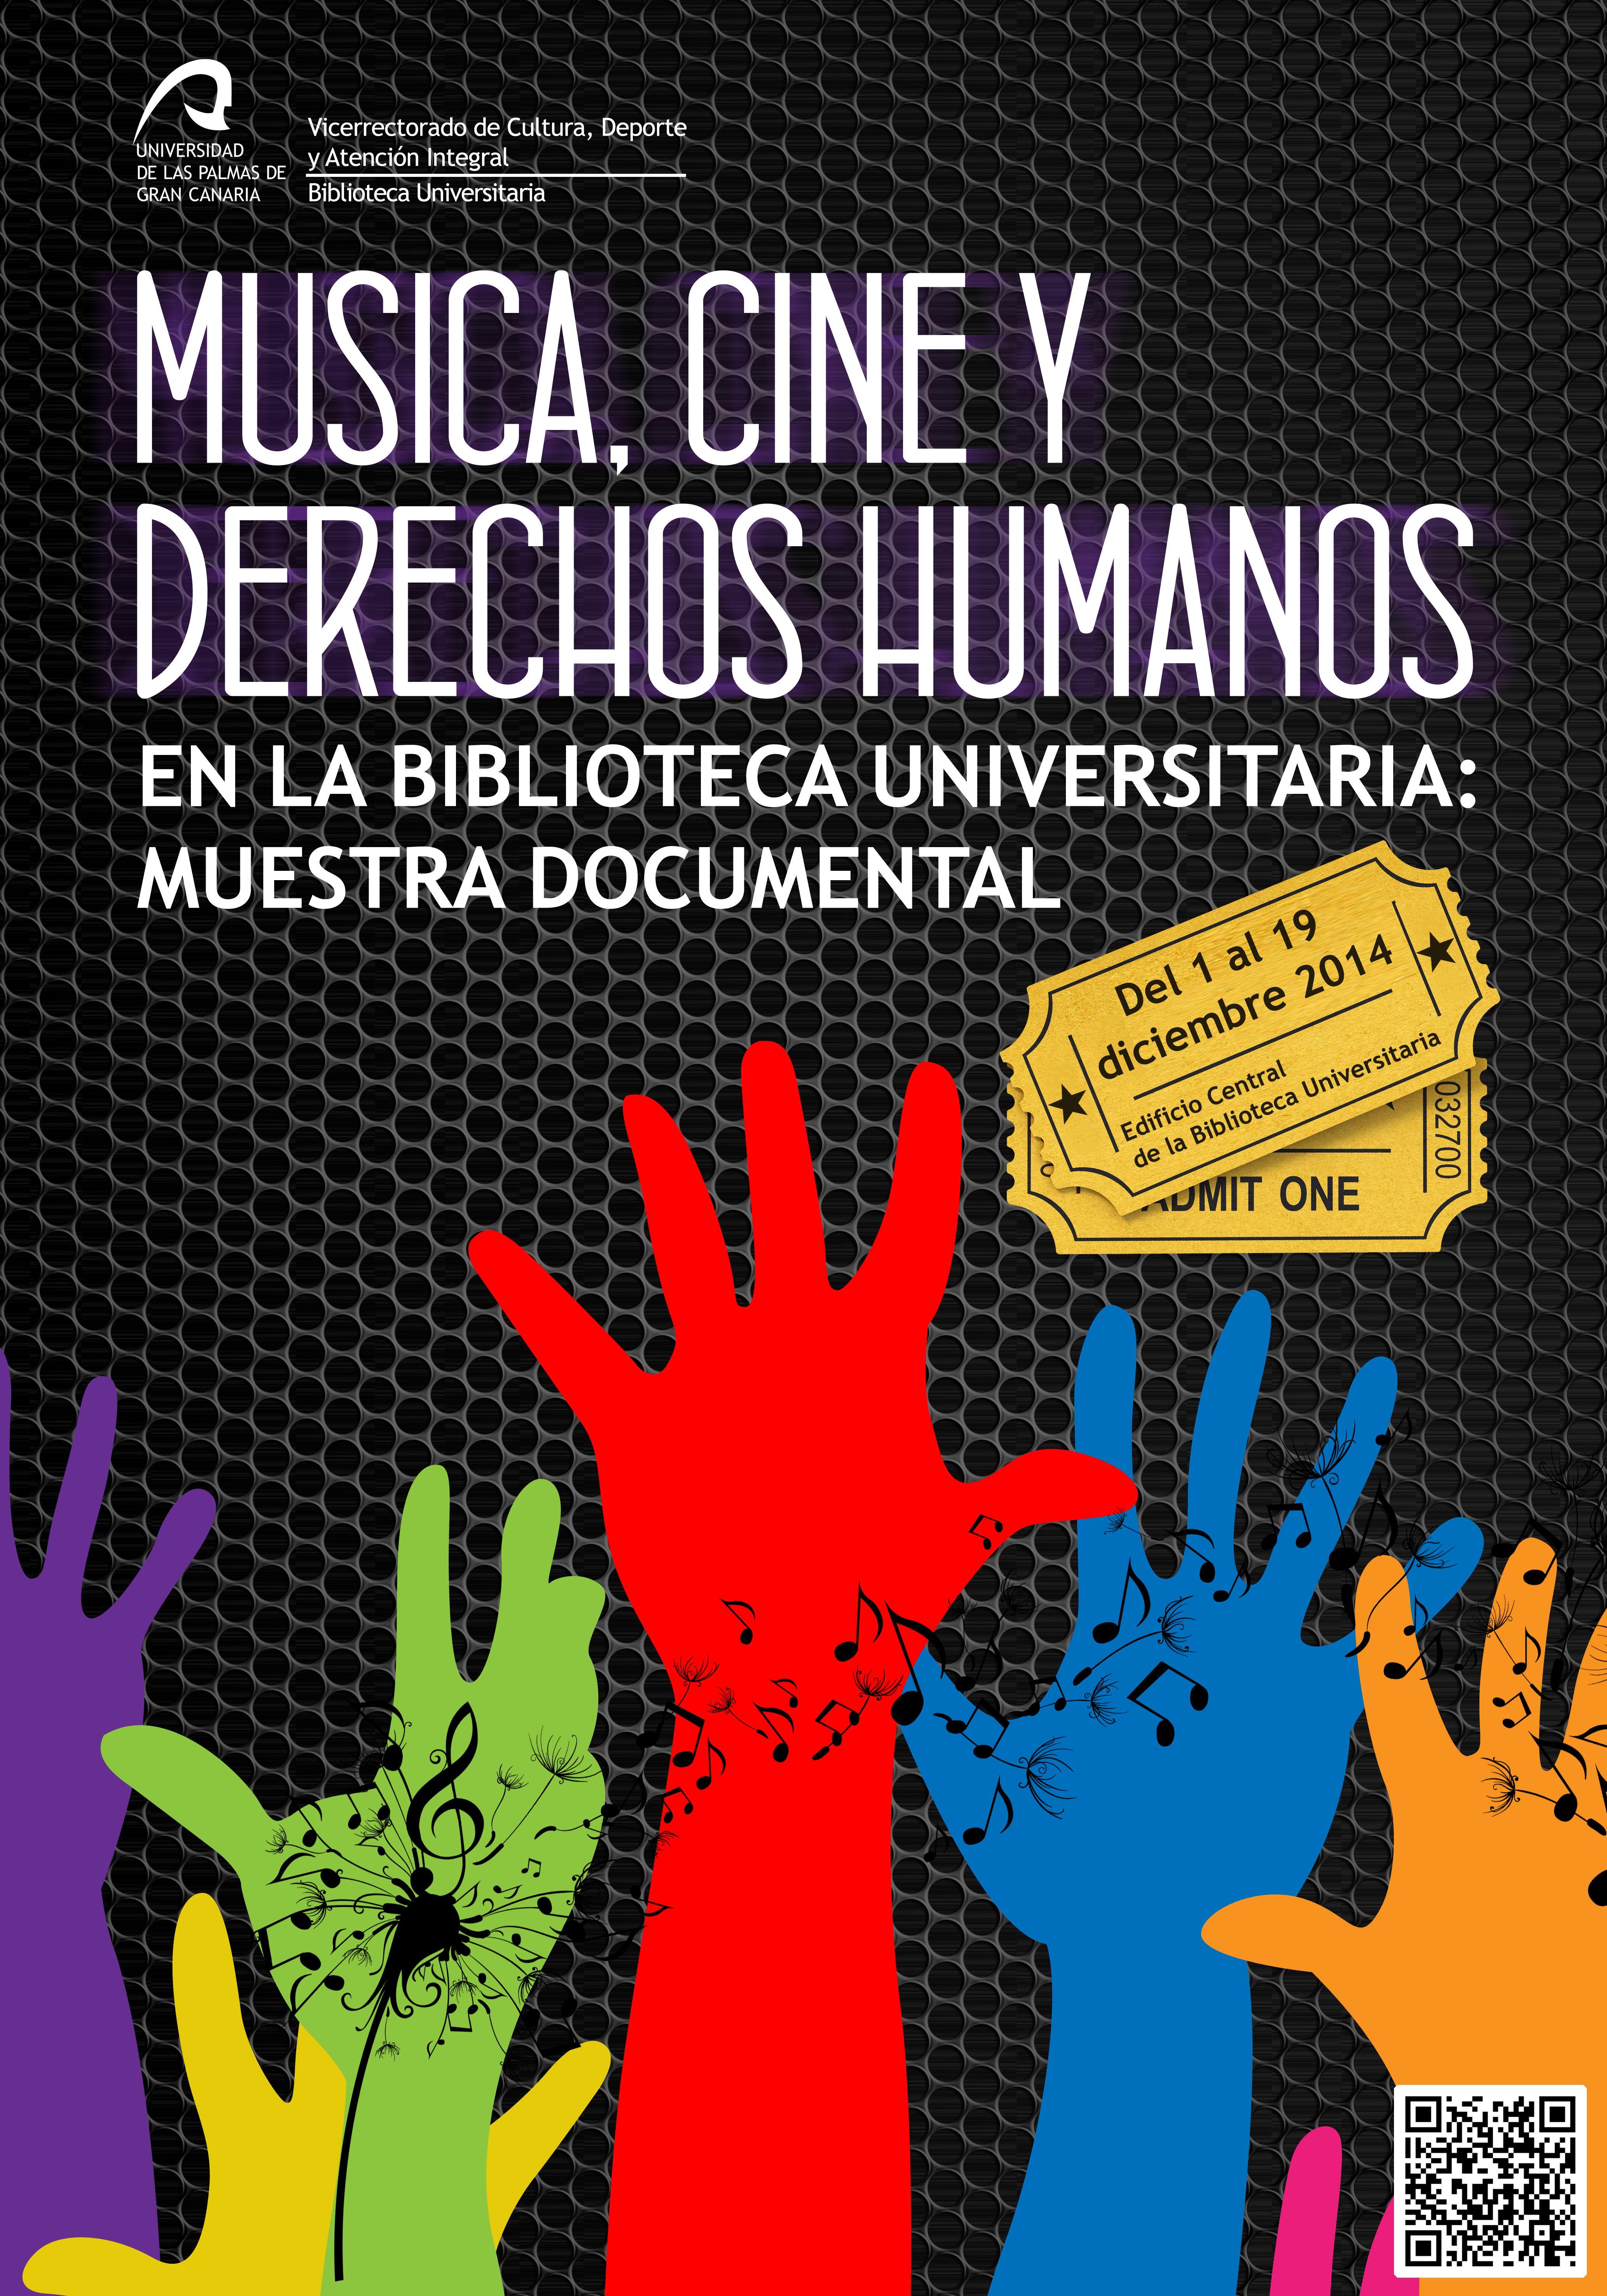 Cartel de la muestra documental Música, cine y Derechos Humanos en ...